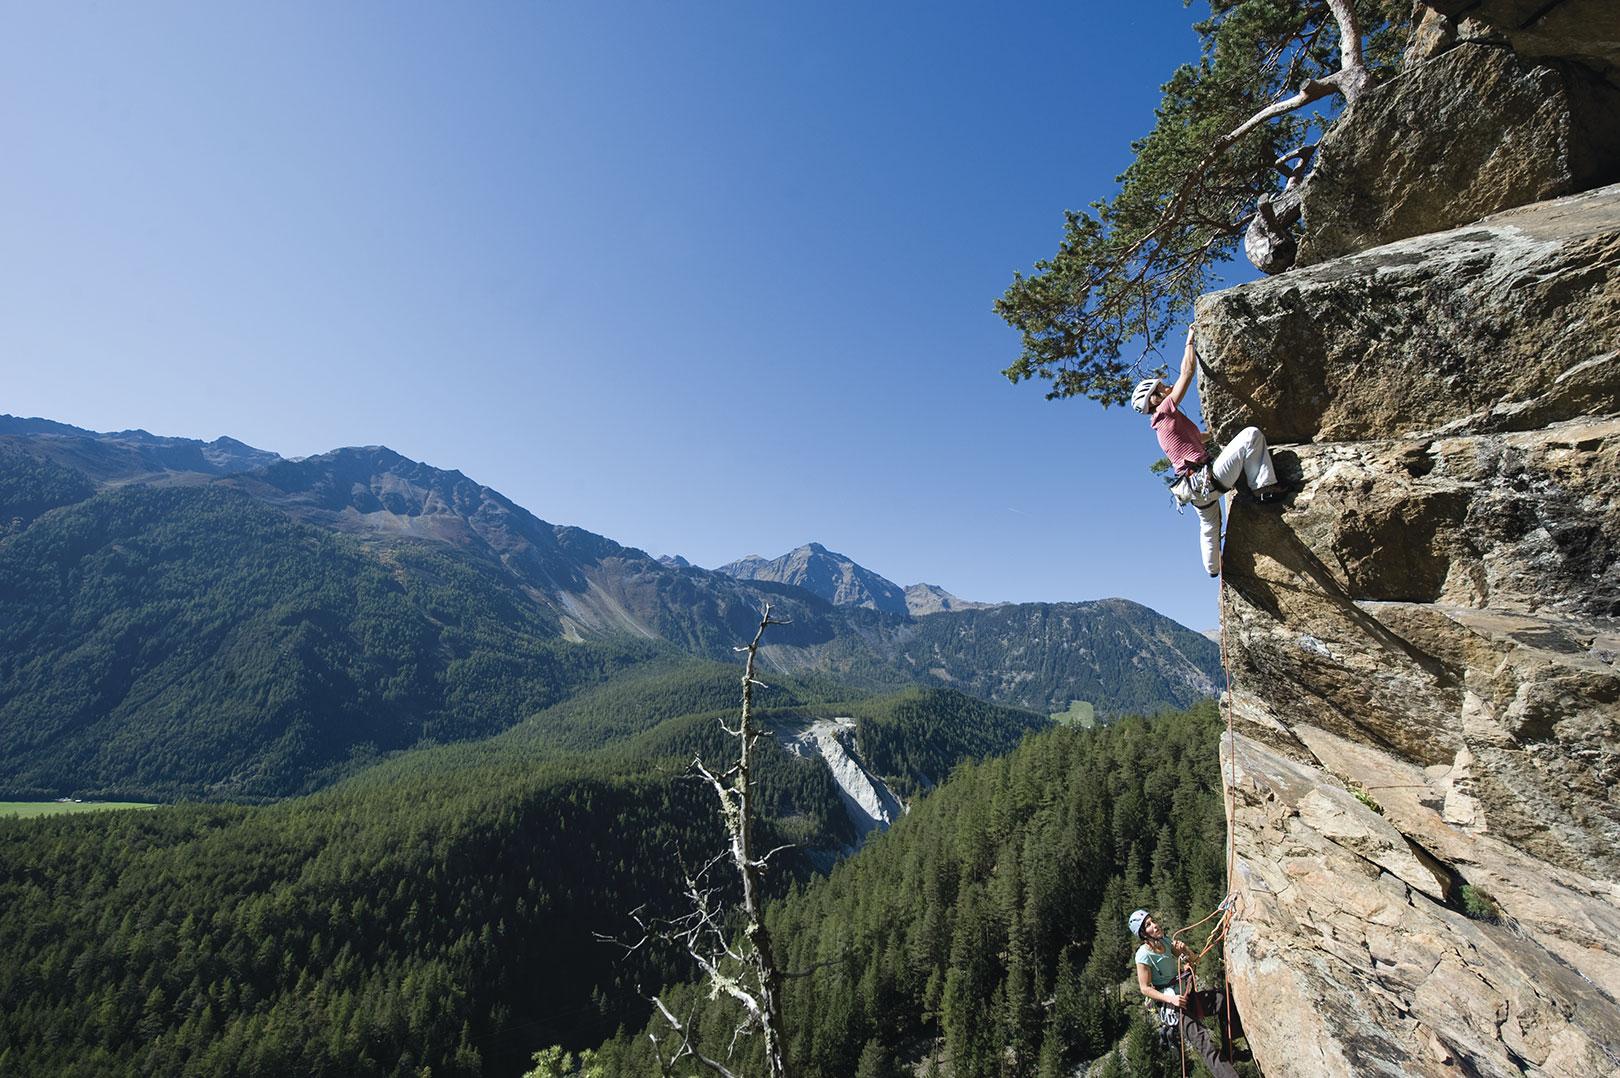 Klettersteig Oetztal : Kletter steig paradies alpine bergsport und erlebnisschule sölden